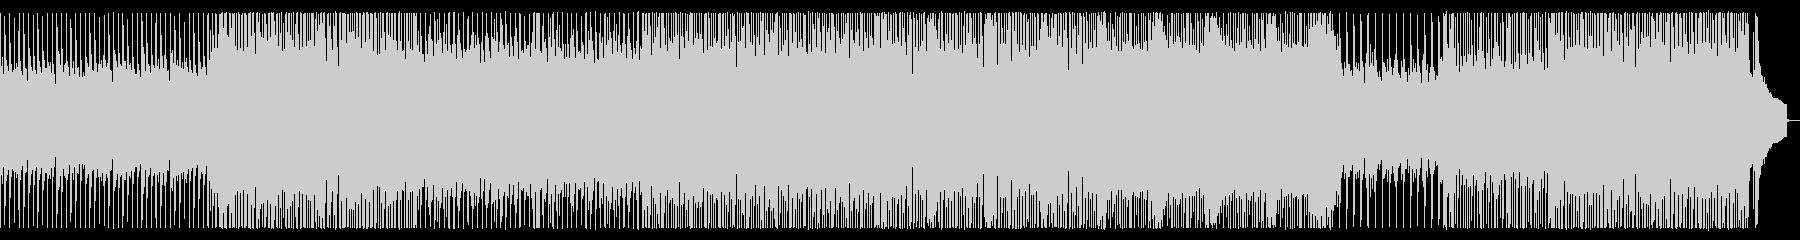 戦場をイメージしたピアノロックの未再生の波形